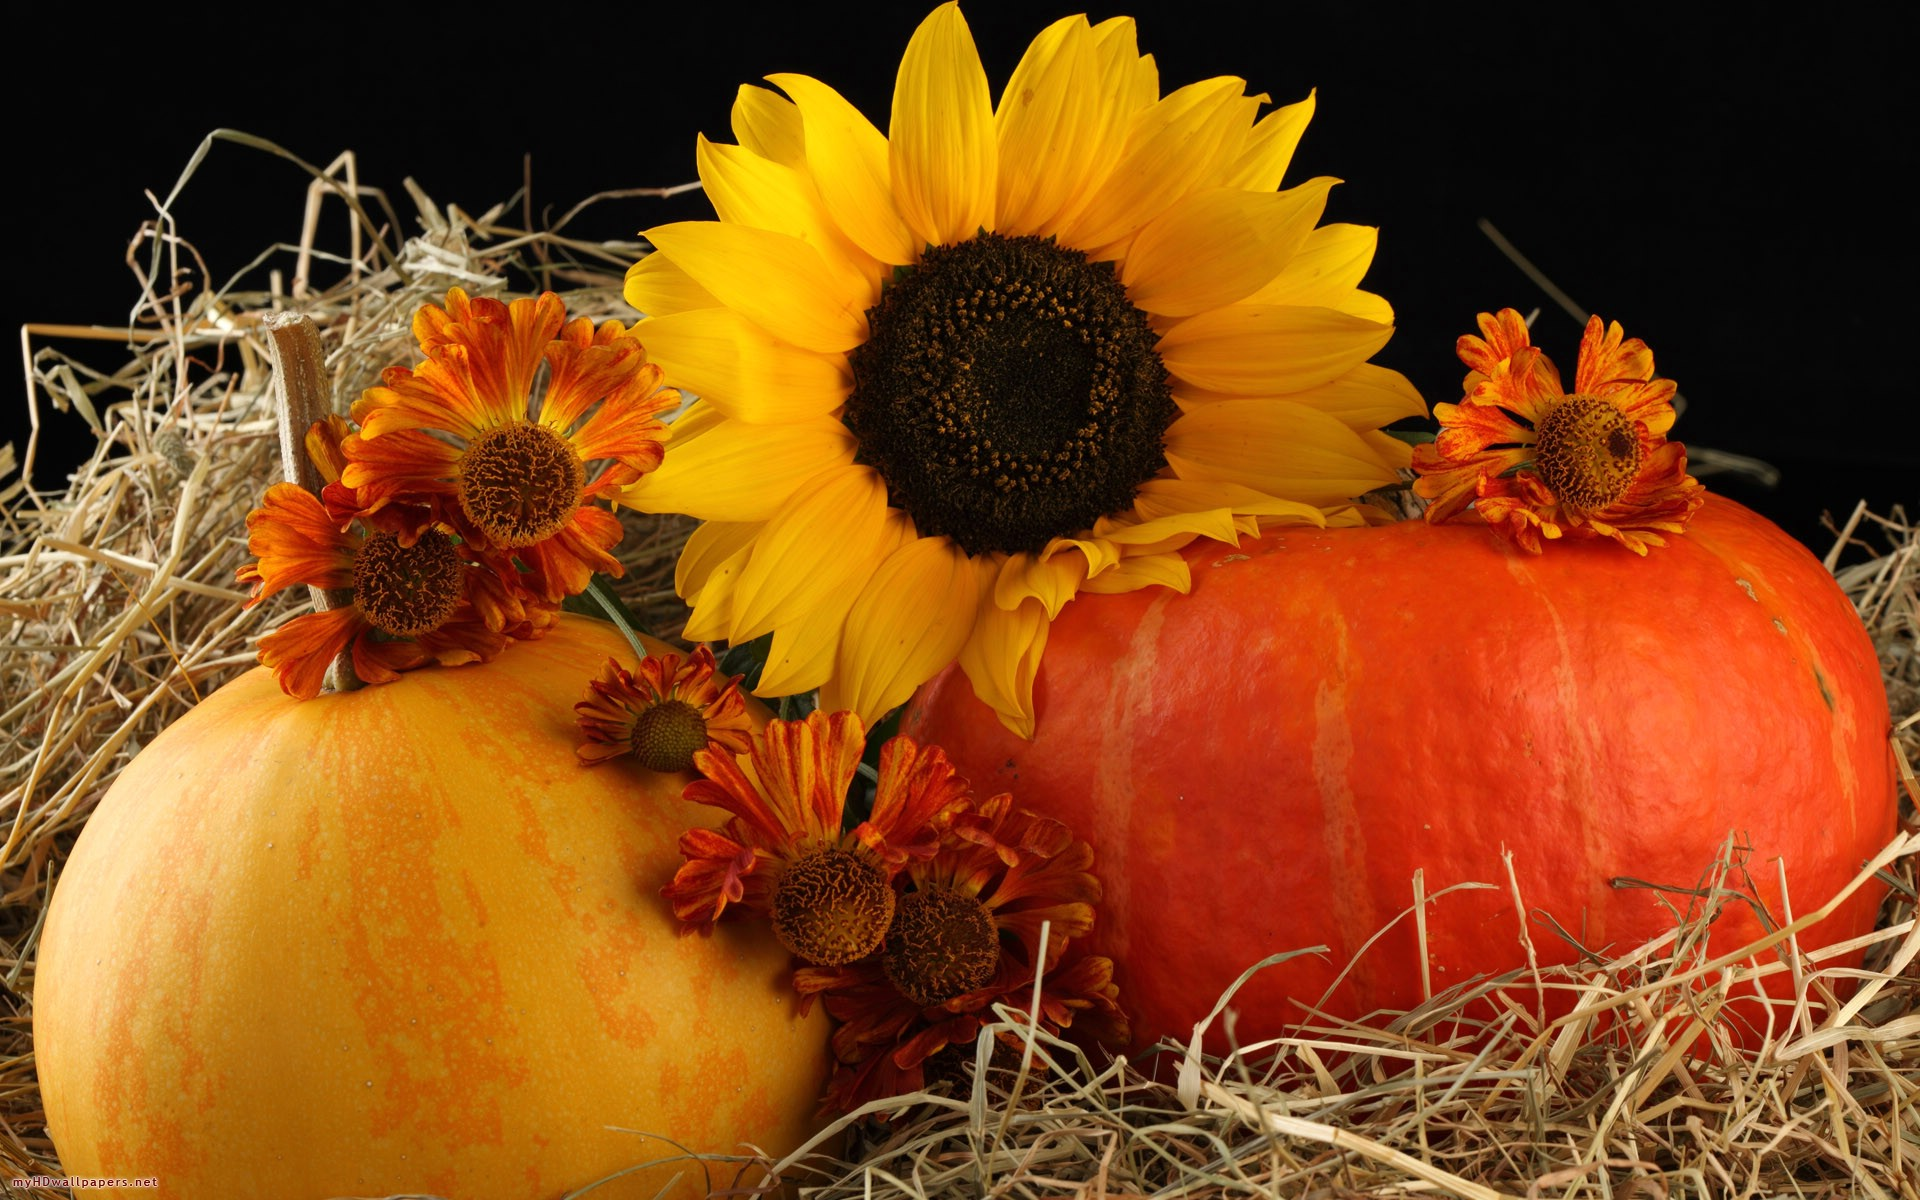 sunflower and pumpkins free desktop wallpaper hd wallpapers